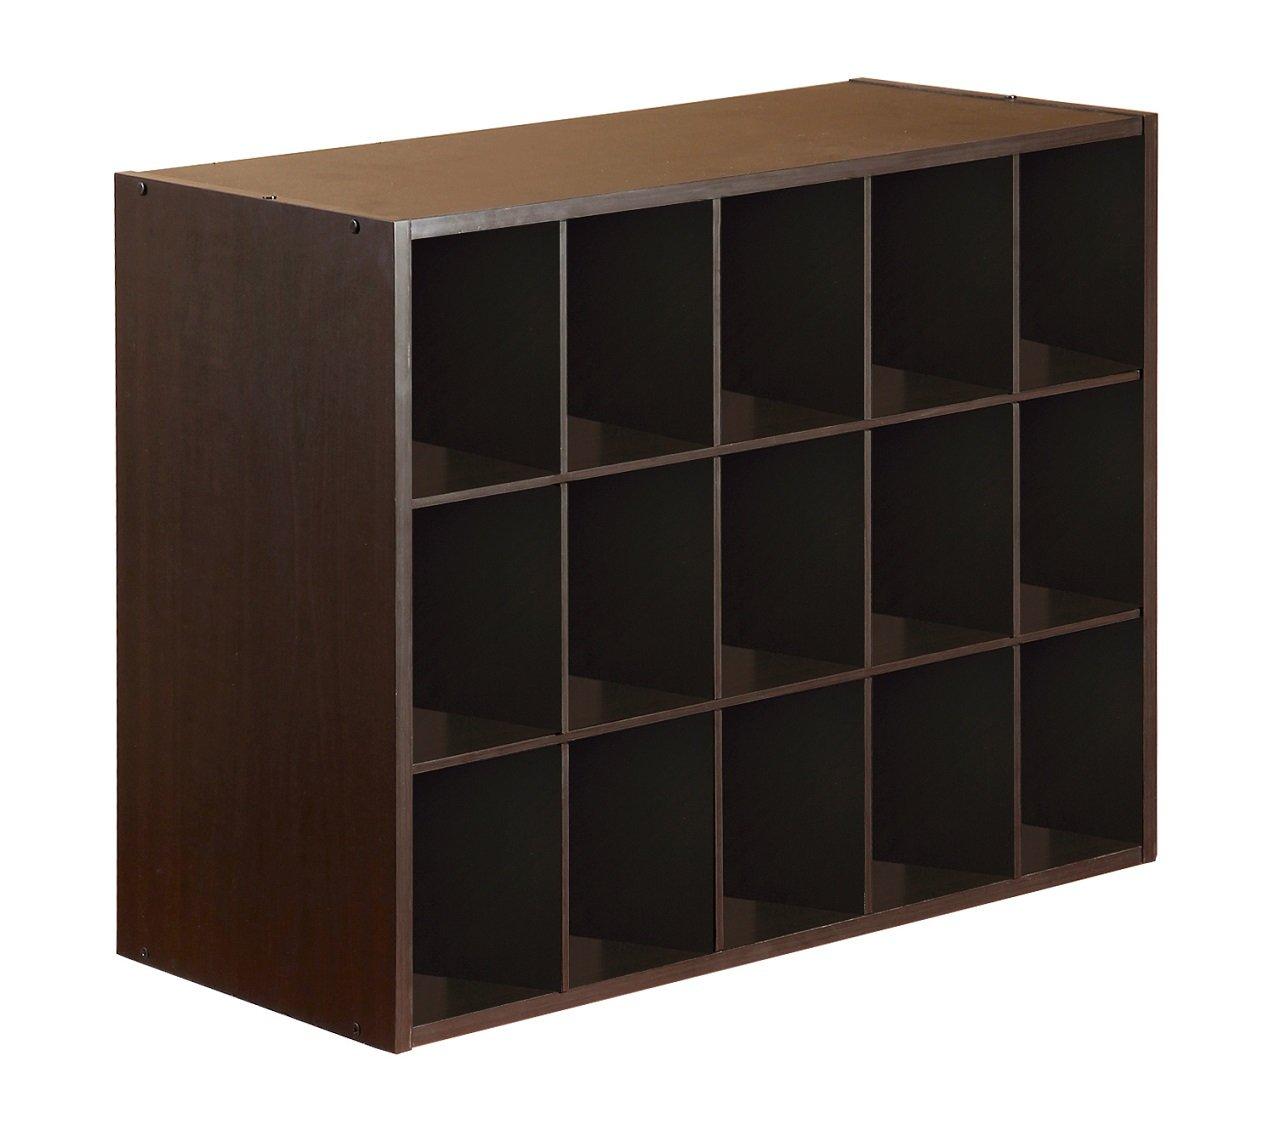 15-Cube Organizer, Espresso